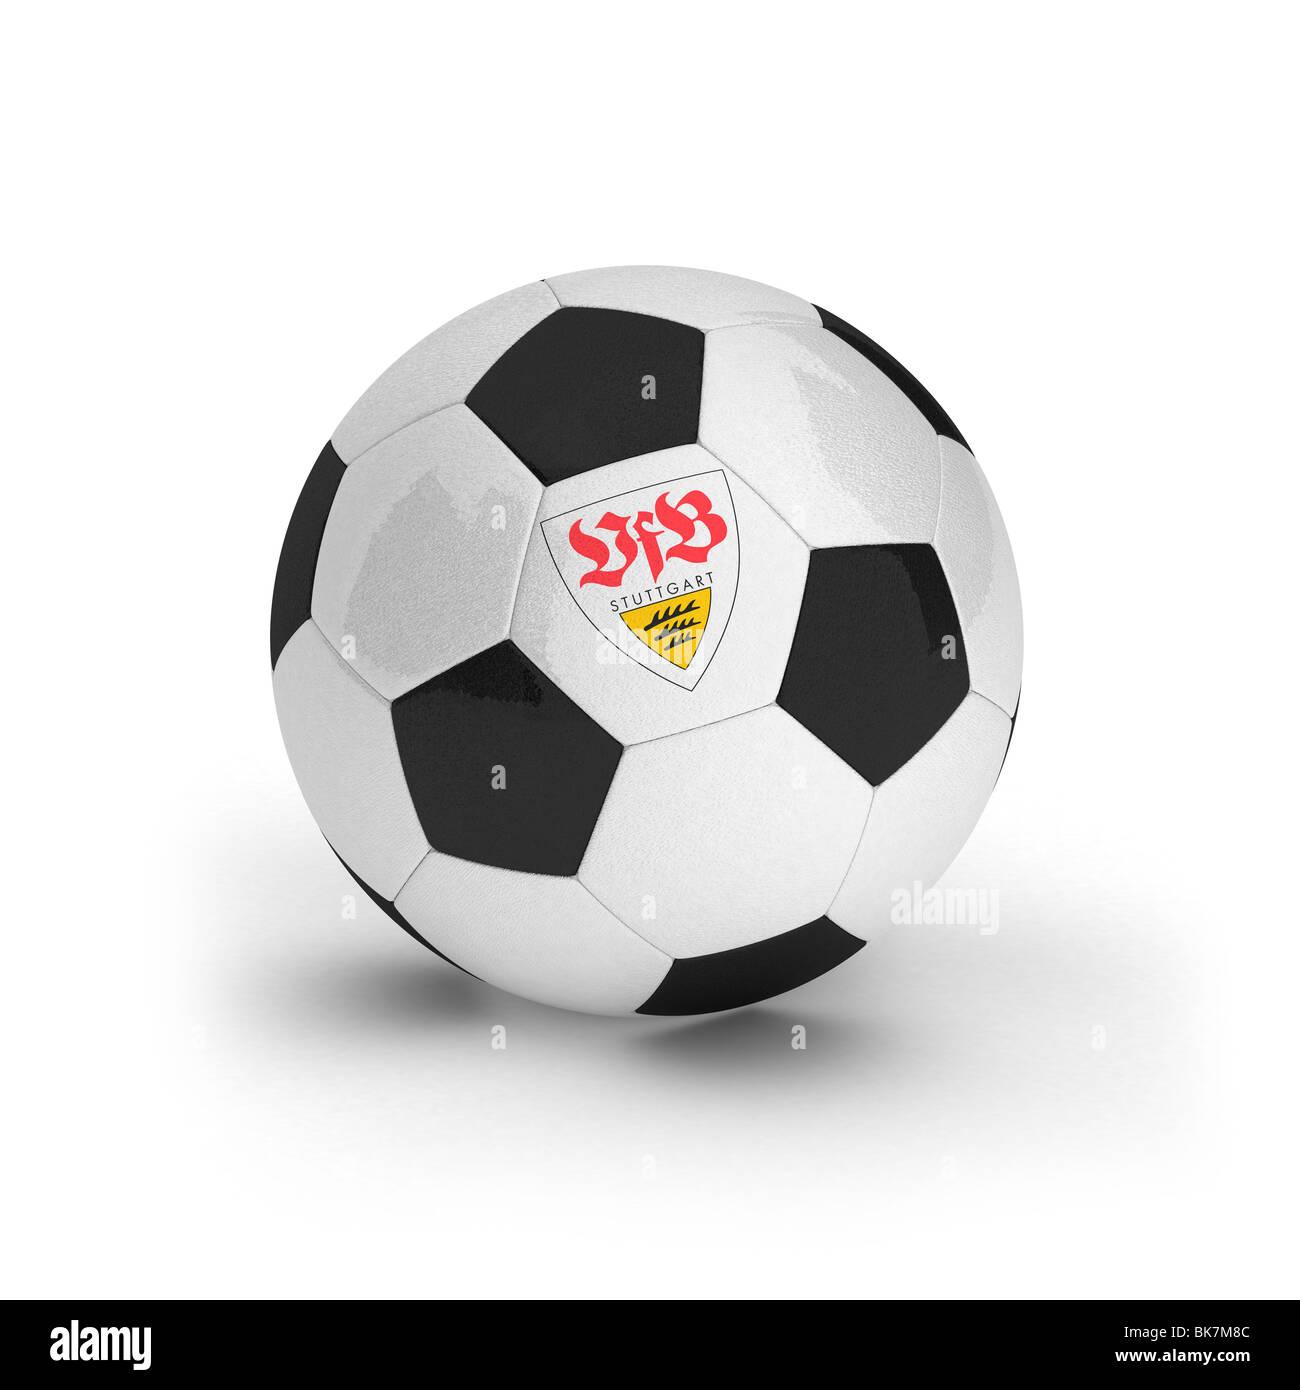 VFB Stuttgart - Stock Image